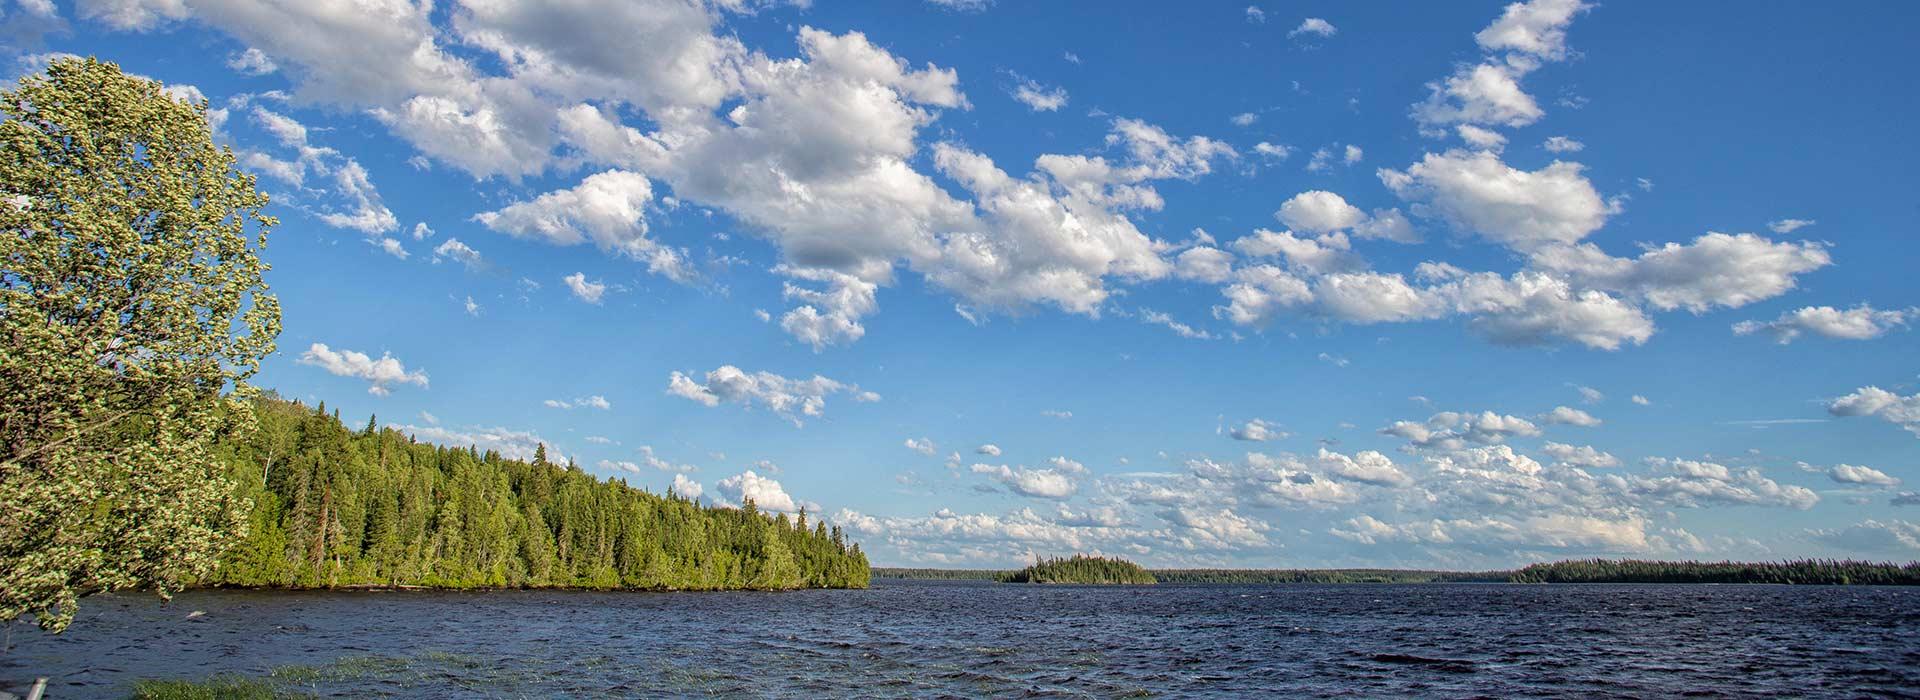 fushimi-lake-provincial-park